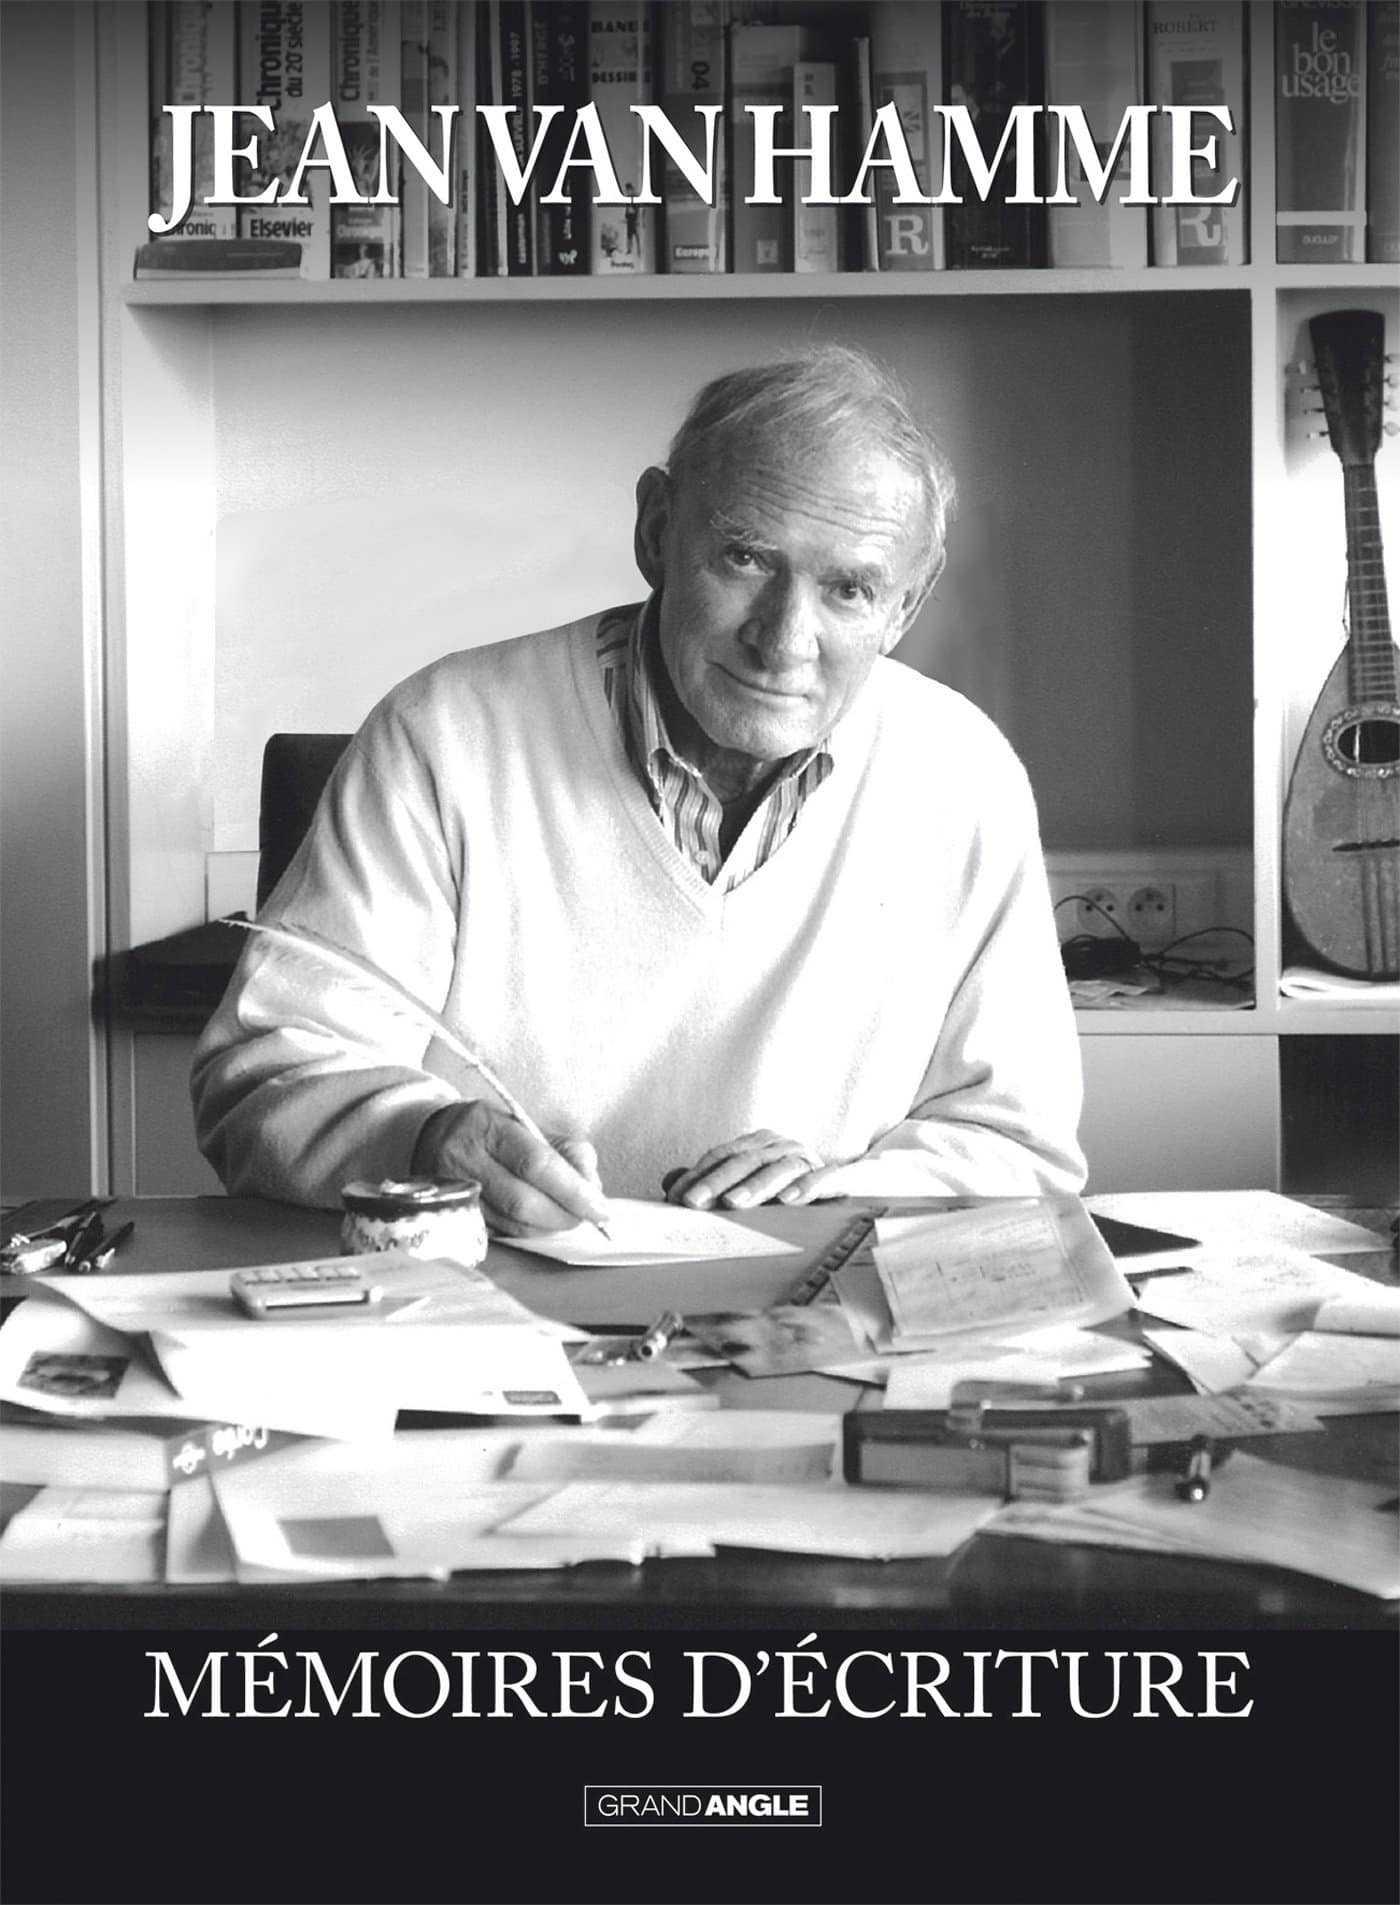 Mémoires d'écriture, Jean Van Hamme par lui même